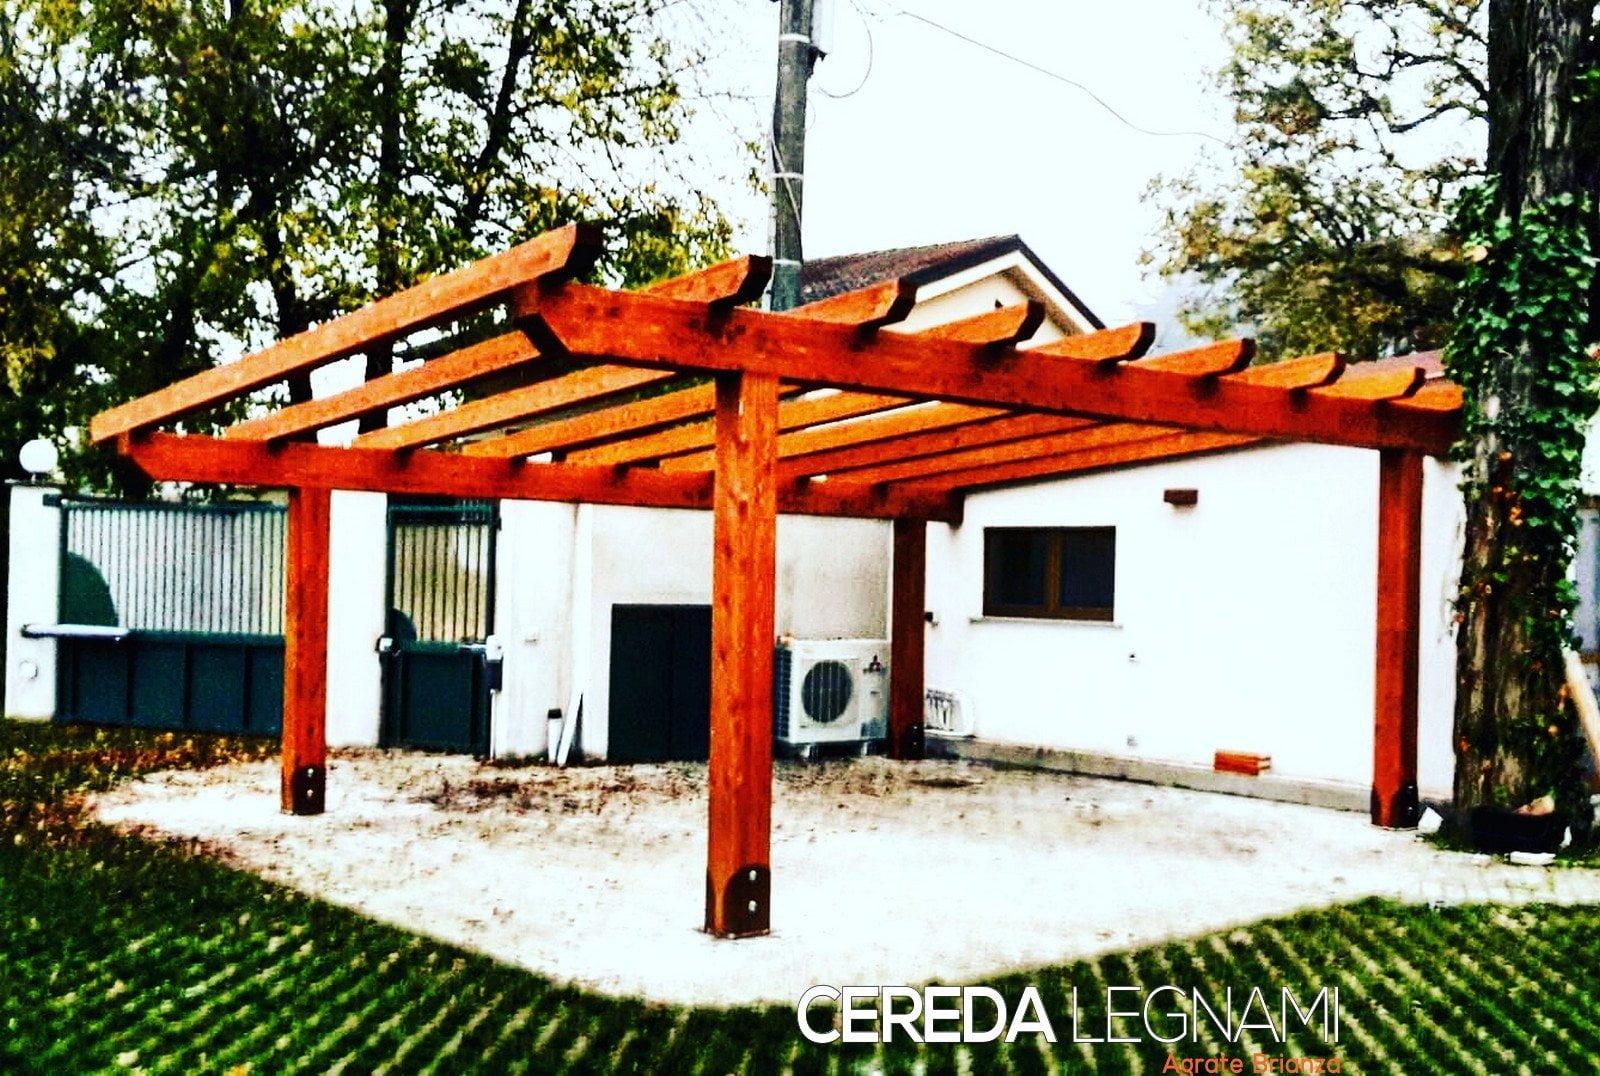 Fase montaggio pergola in ferro addossata 2016 08 14 pergola da giardino addossata in legno di for Pergola addossata ferro